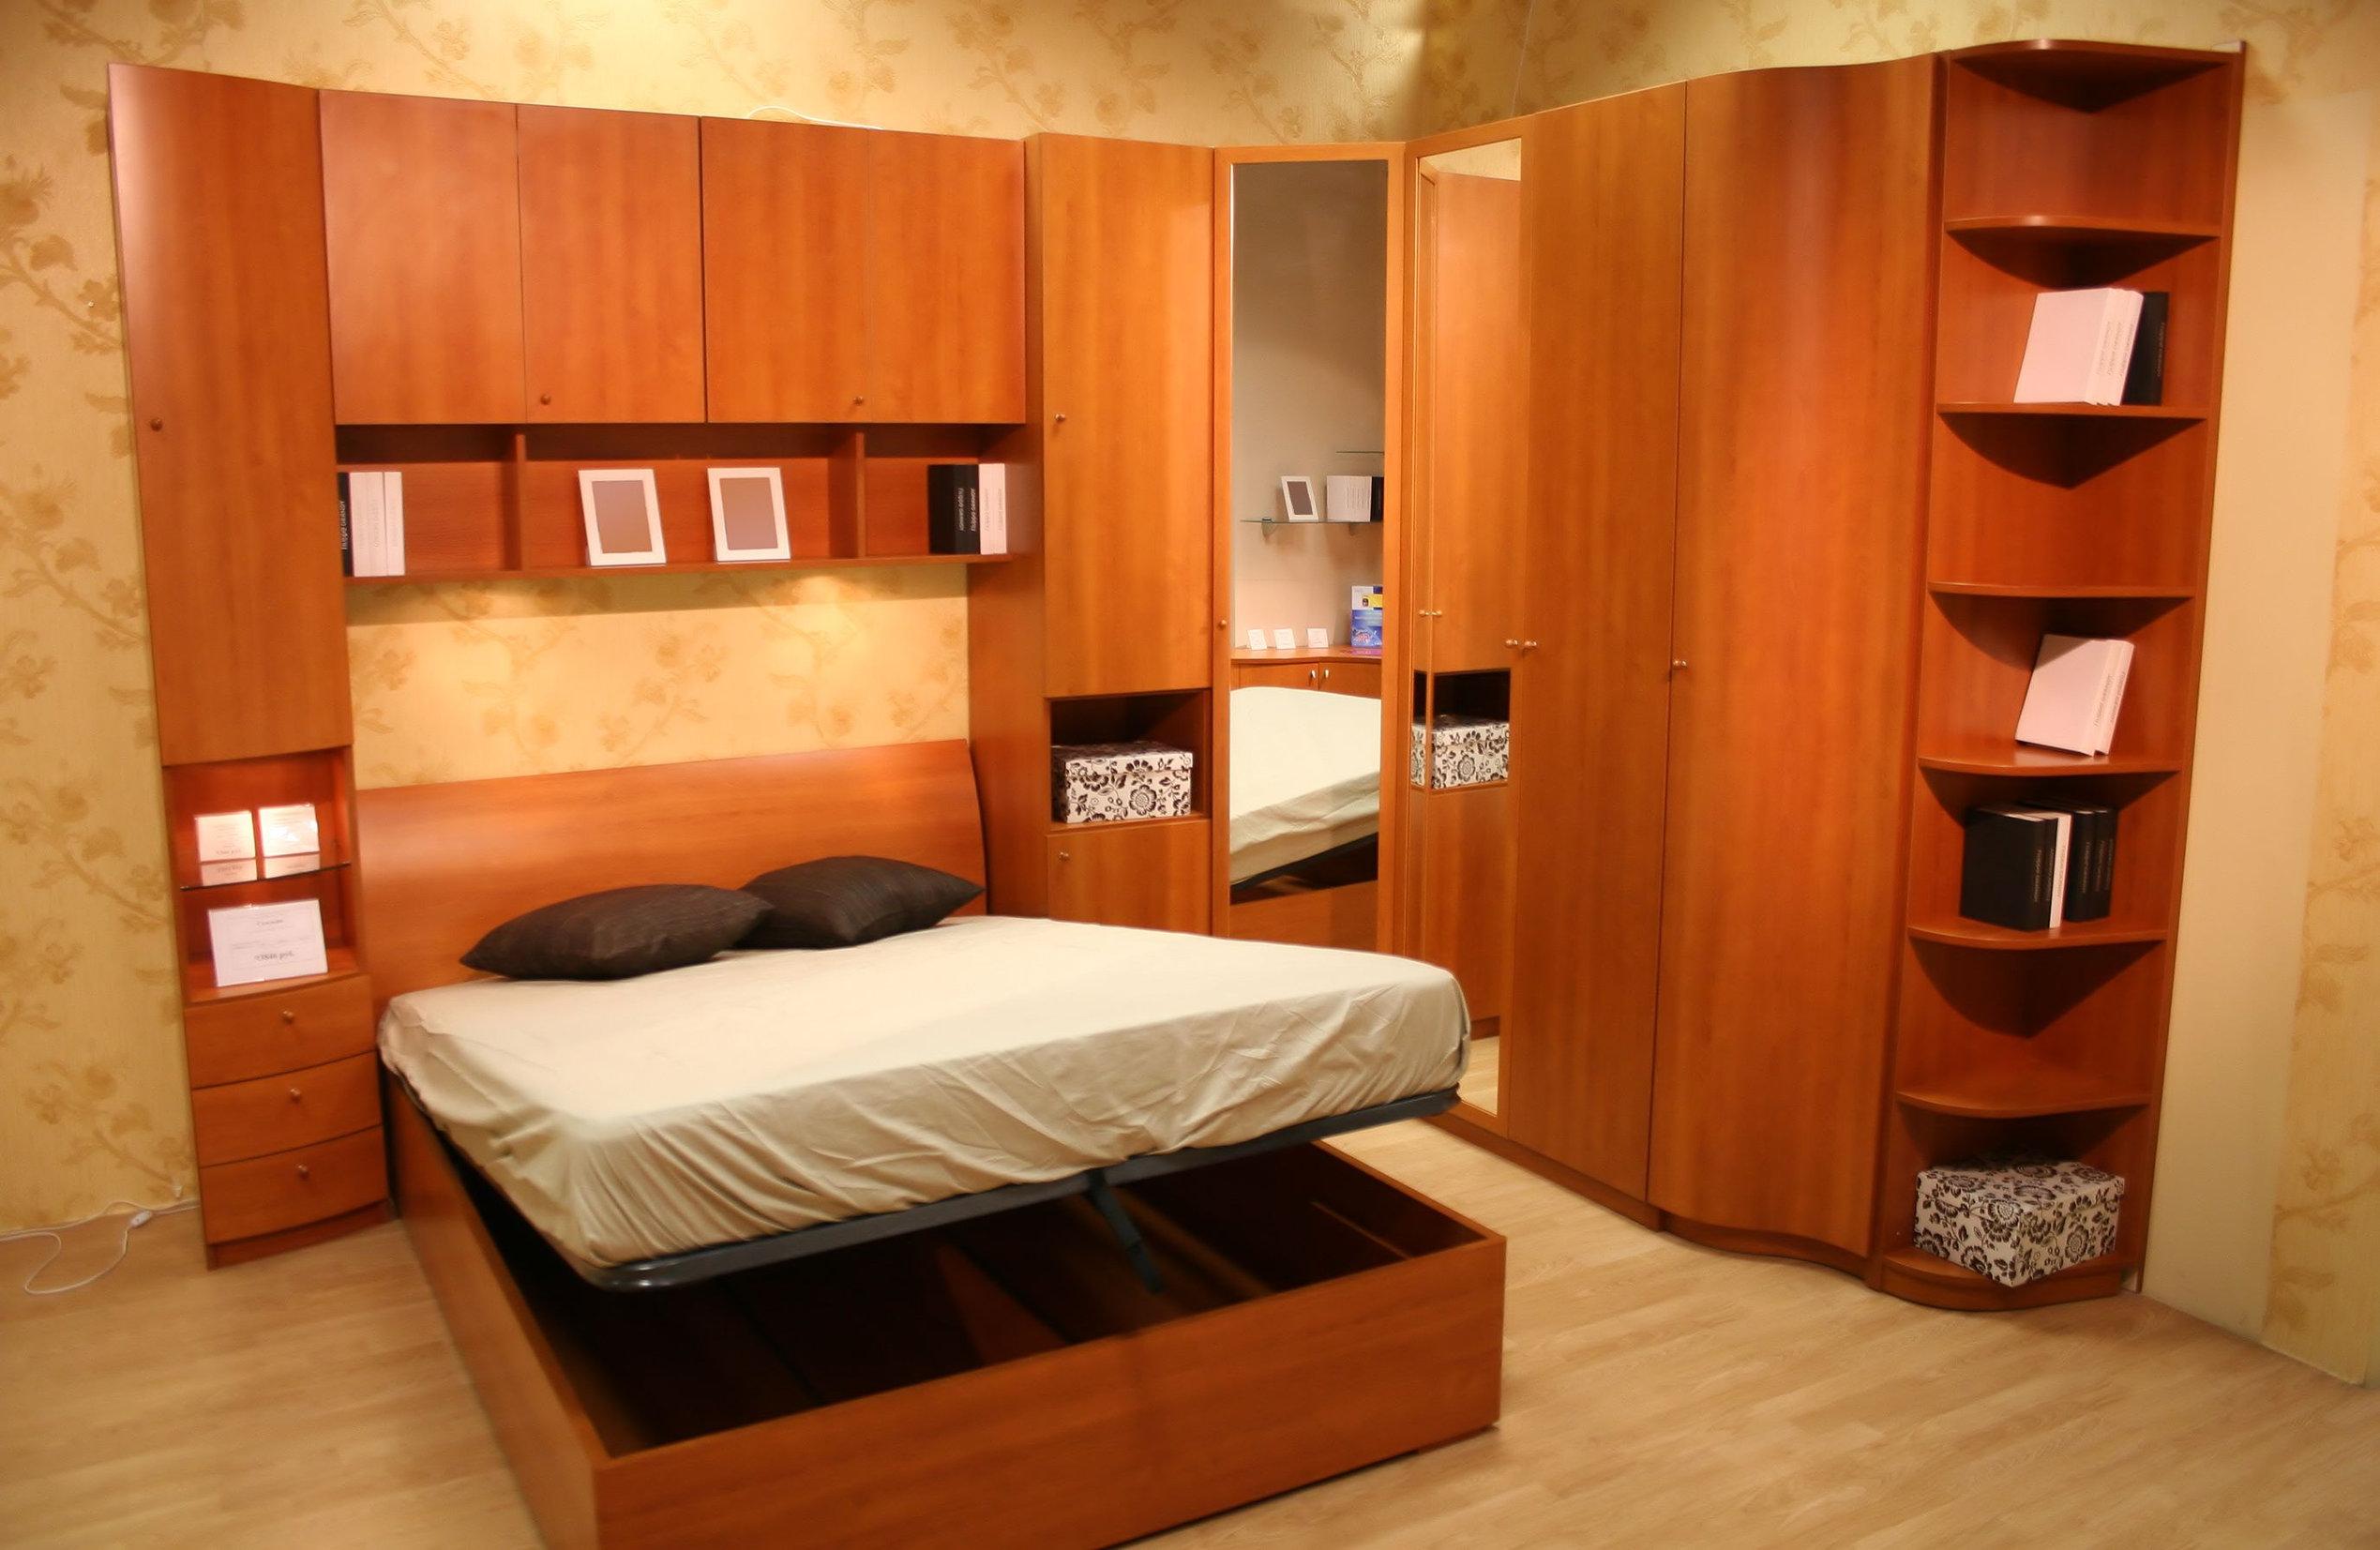 cama decorativa